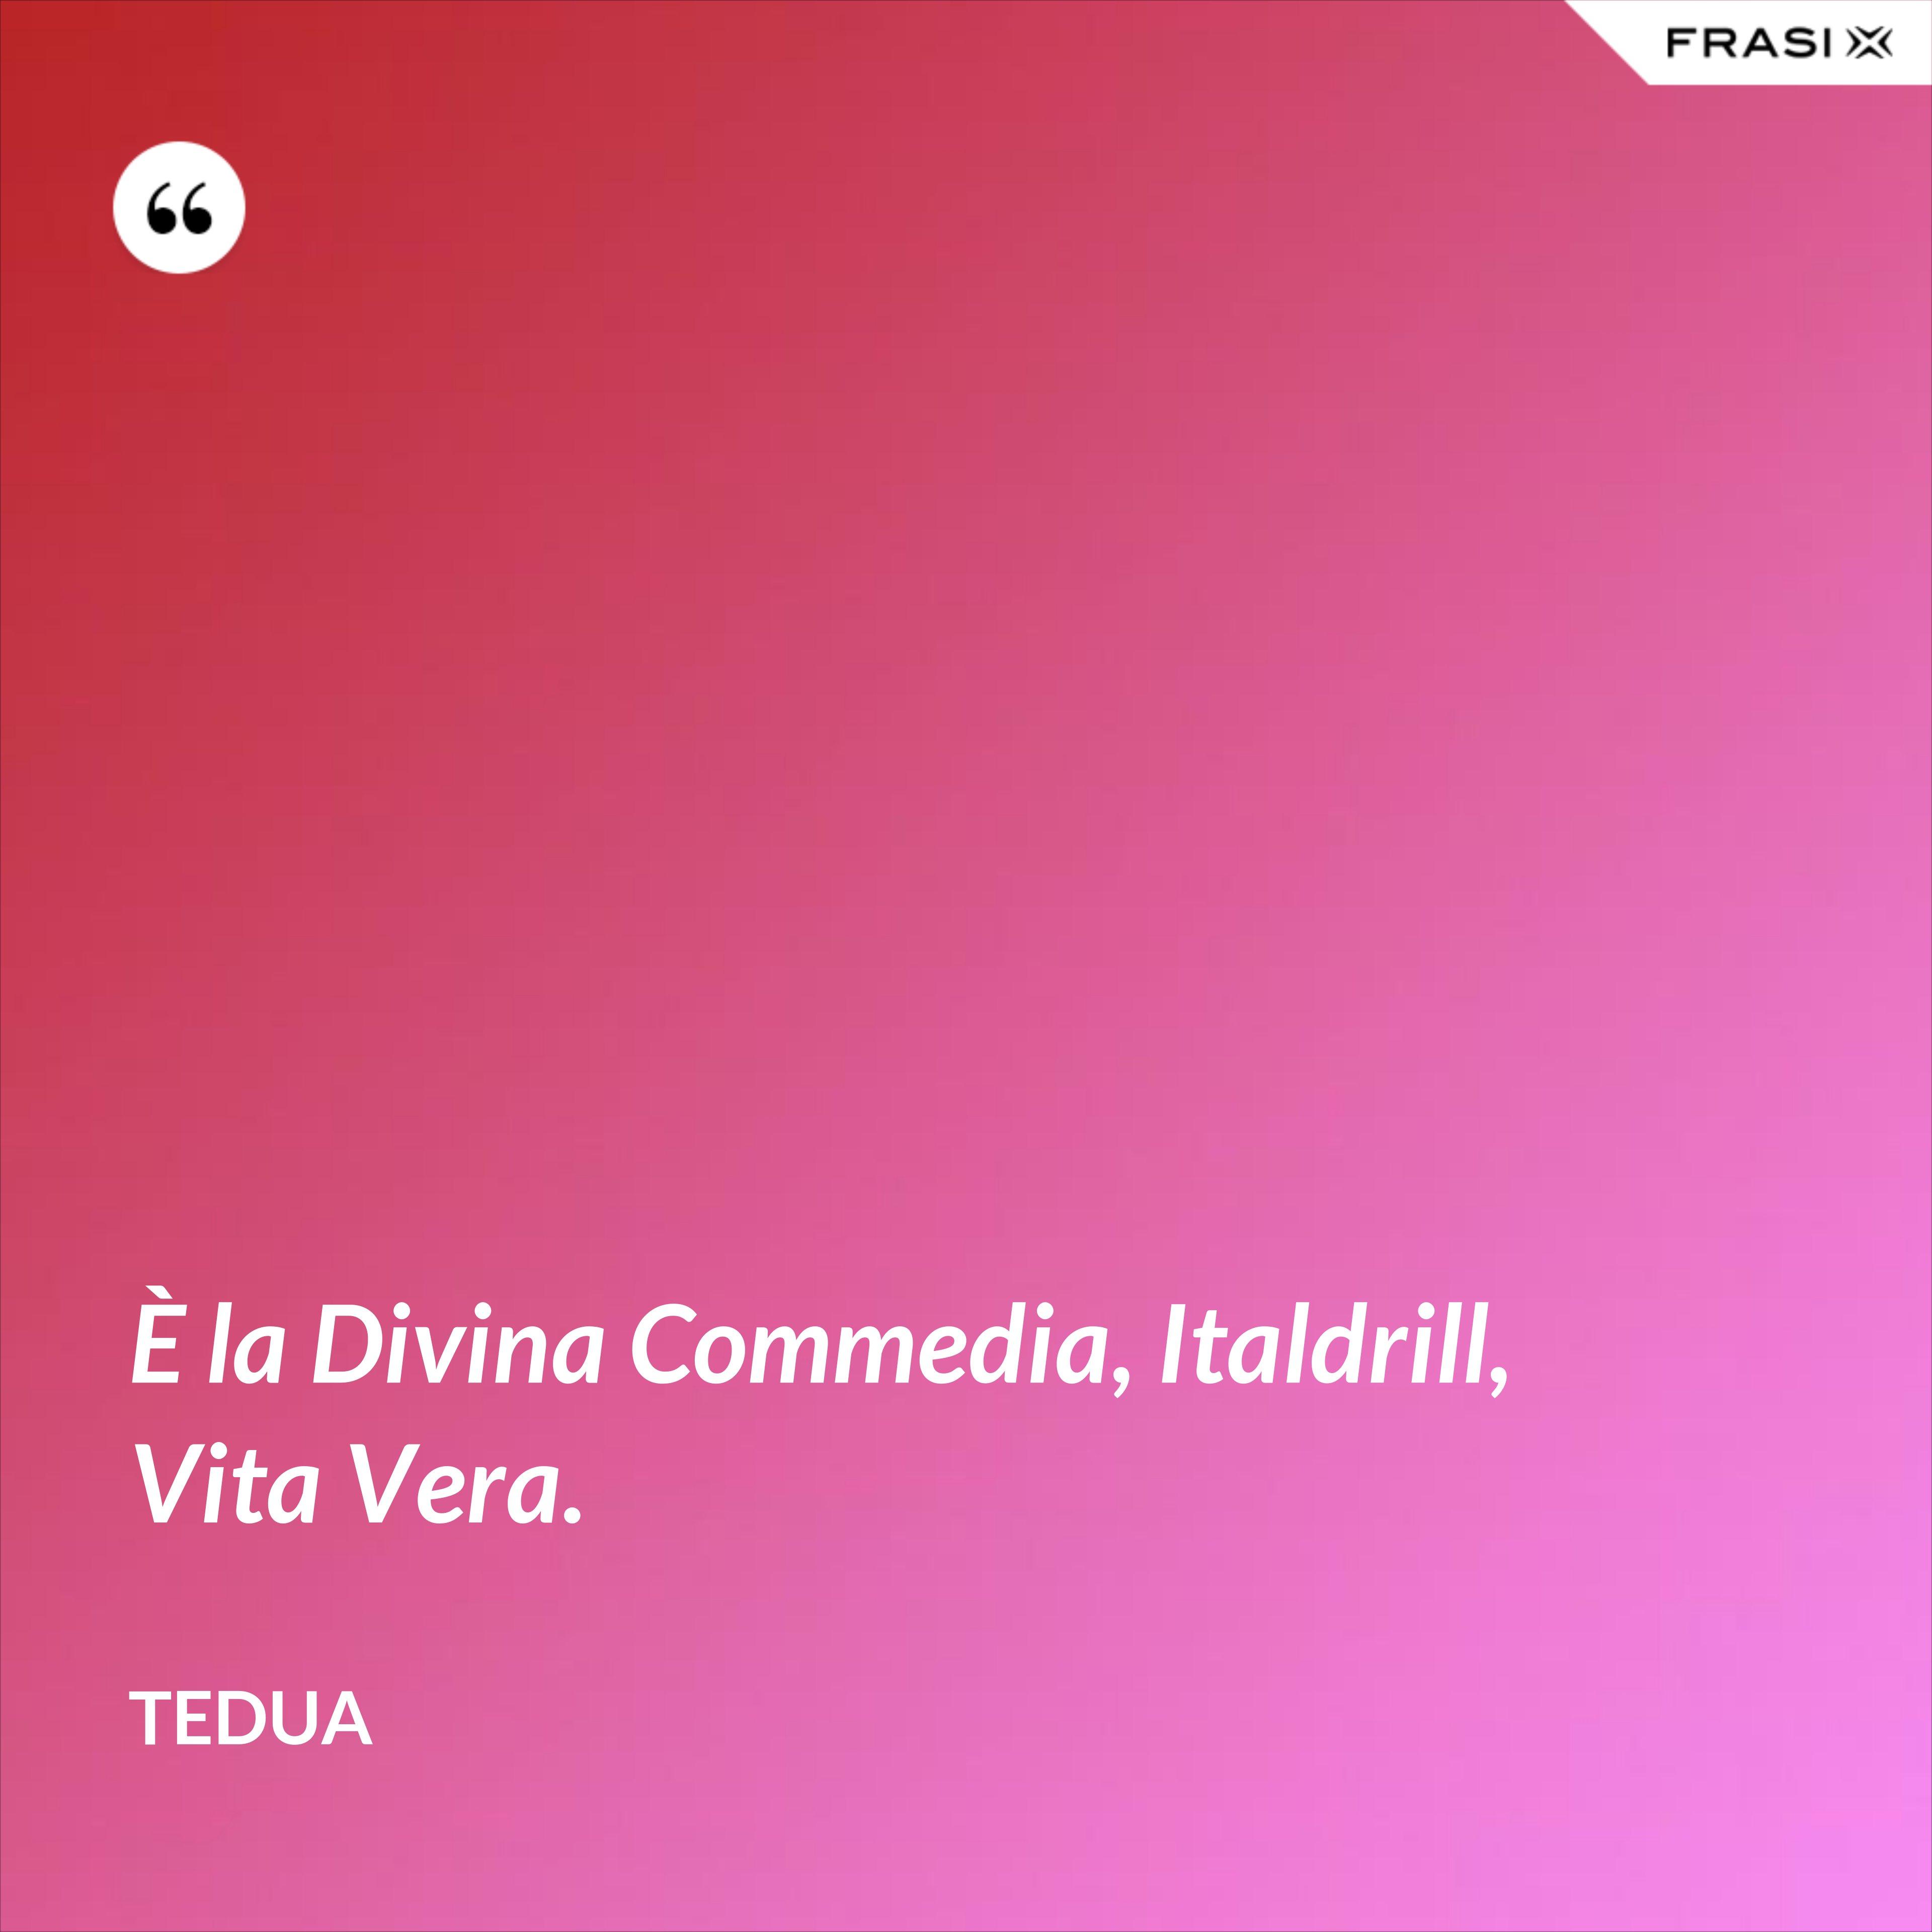 È la Divina Commedia, Italdrill, Vita Vera. - Tedua